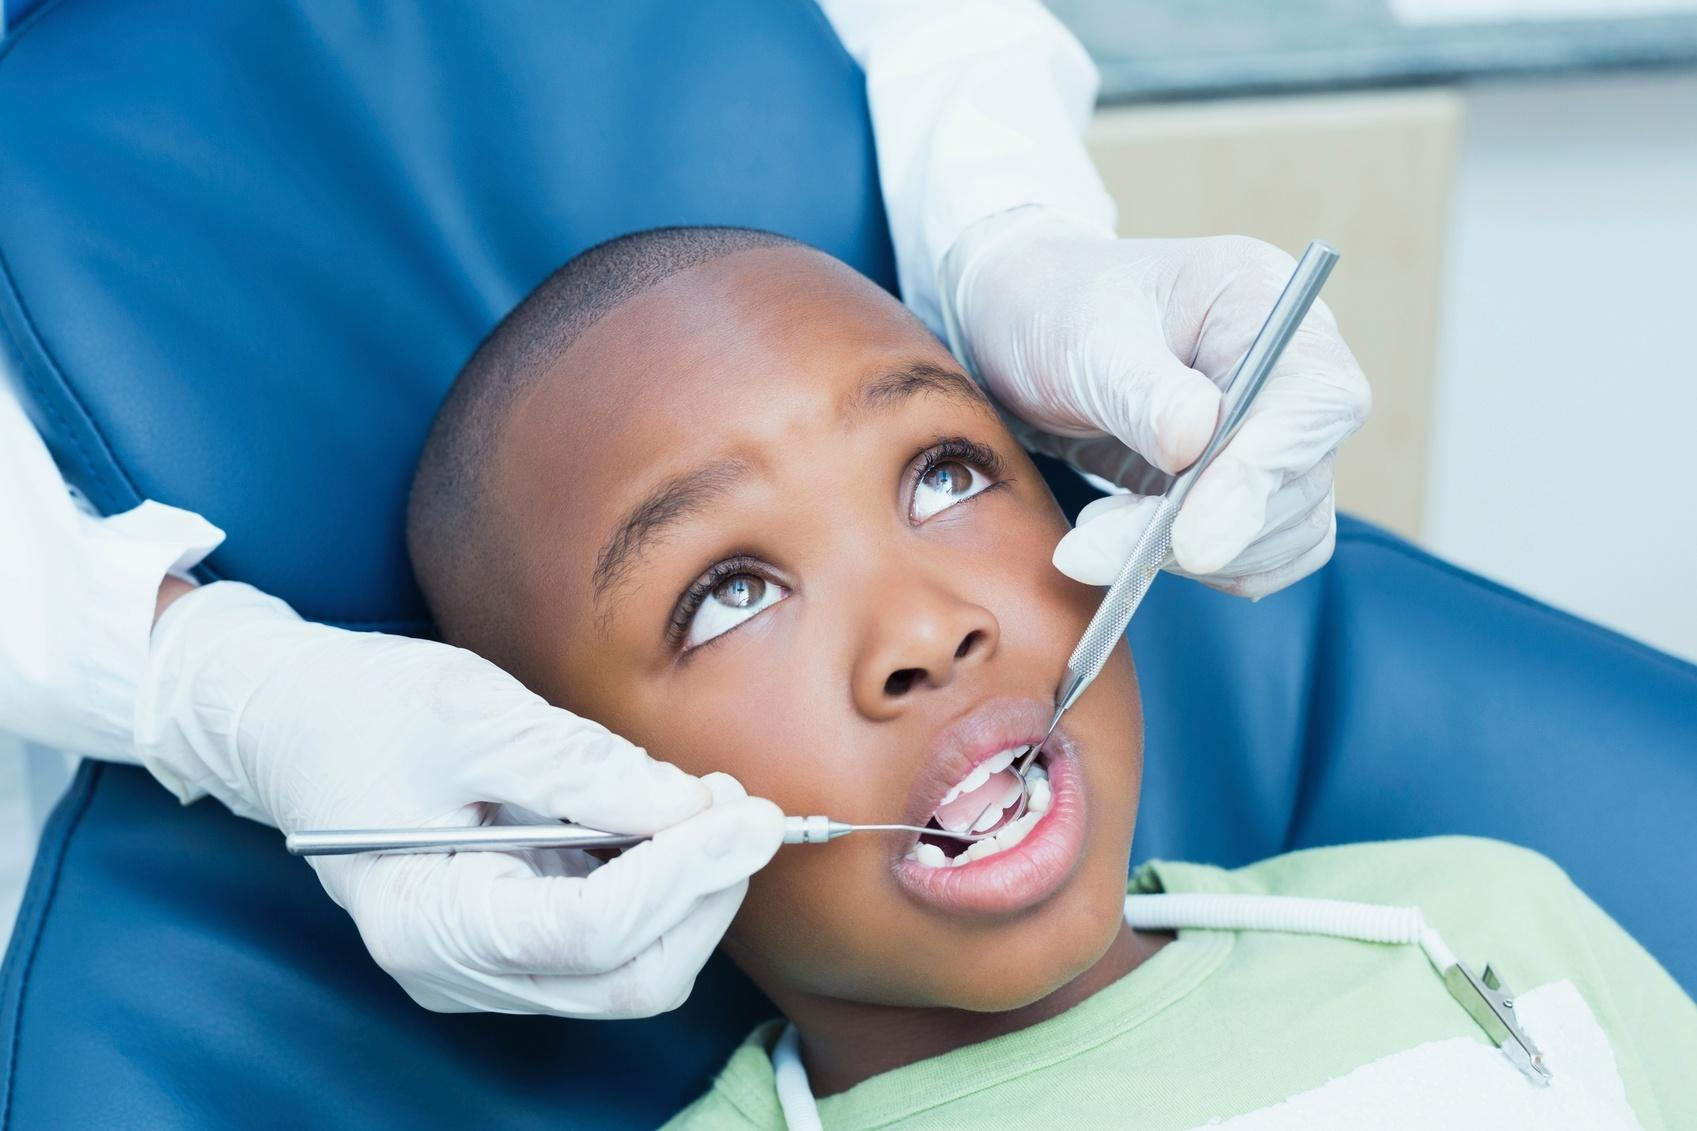 ONG cria aplicativo para facilitar consulta online grátis de serviços odontológicos